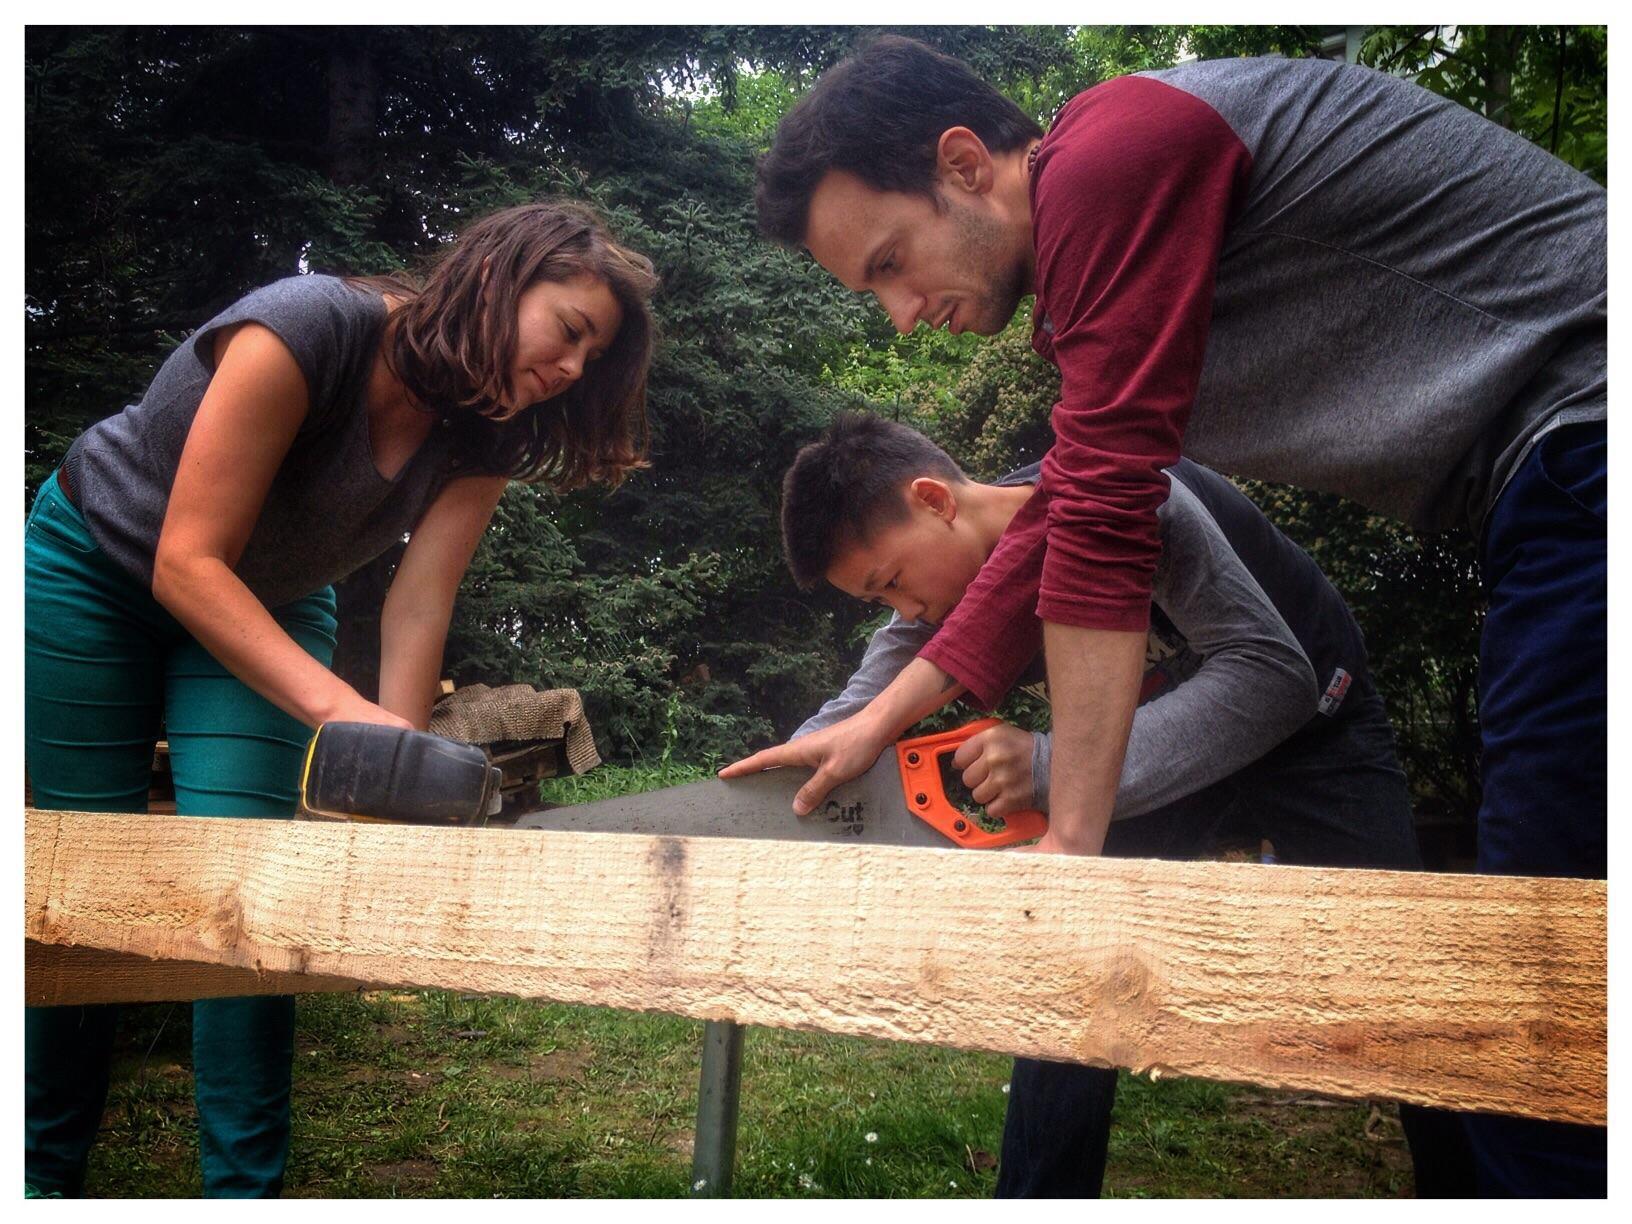 YA+K - yaplusk - Baleine Verte - chantier participatif à Paris 12ème (4)